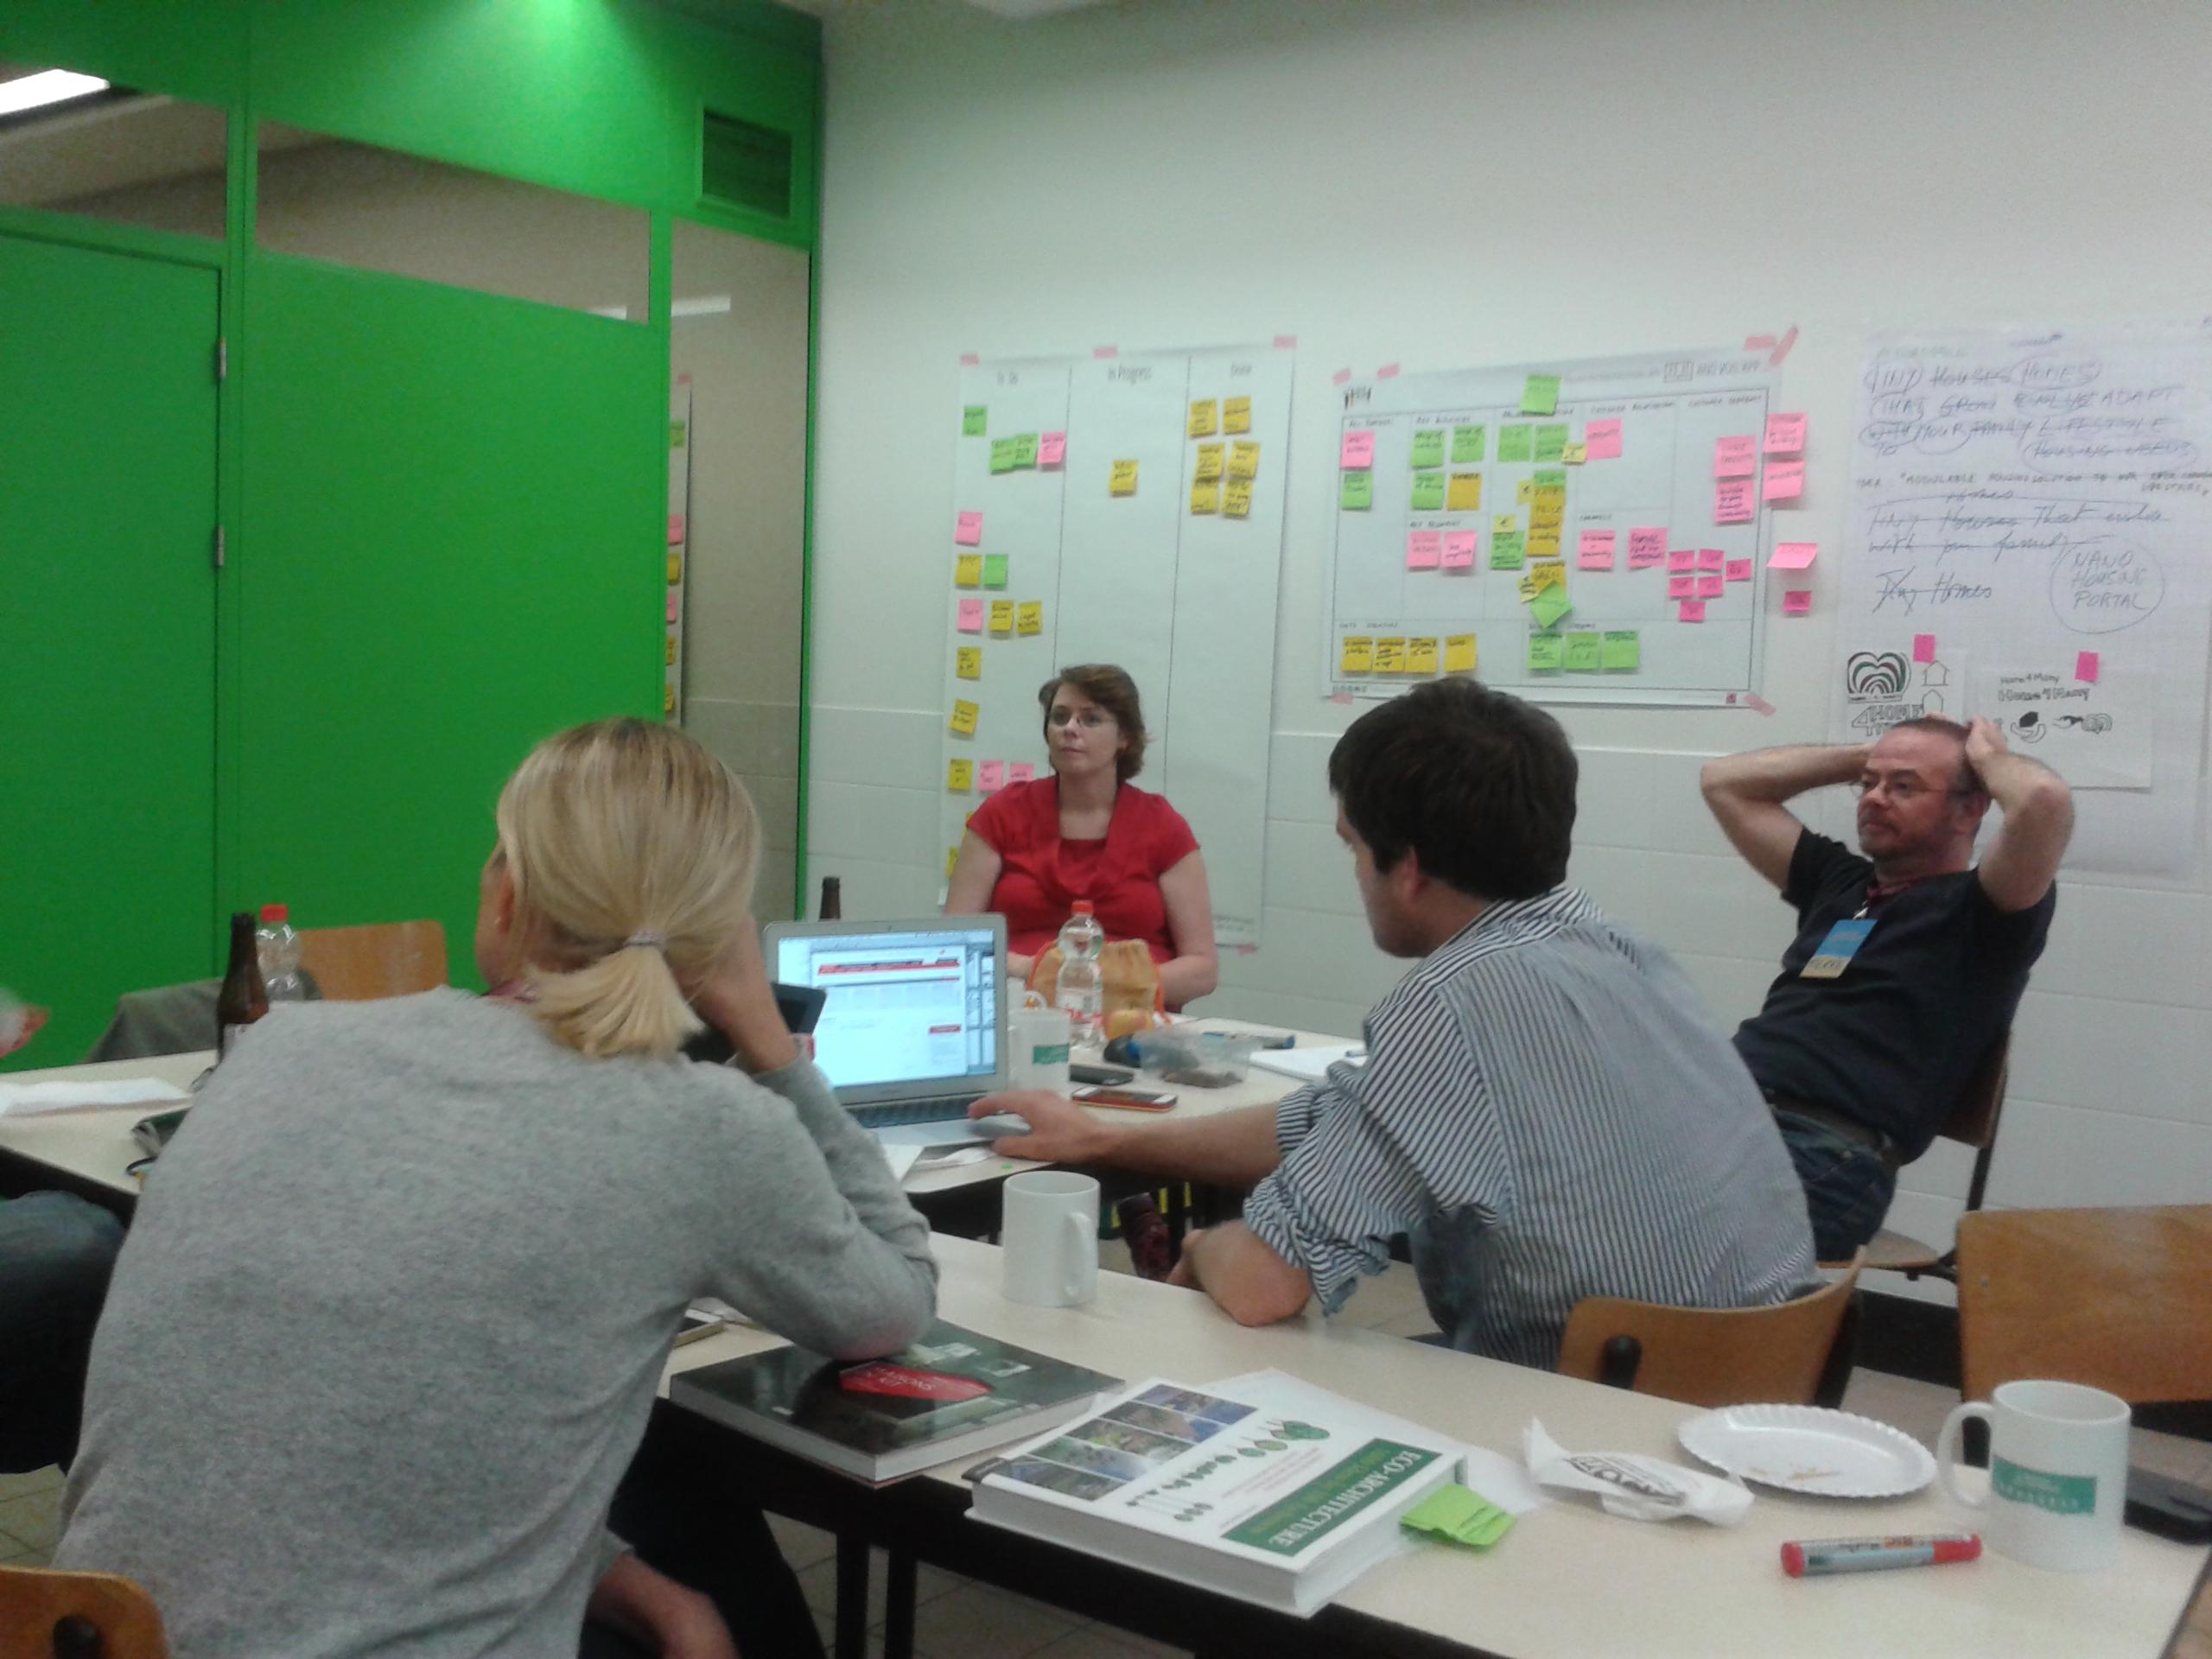 L'équipe de Fit my Nest en plein brainstorming